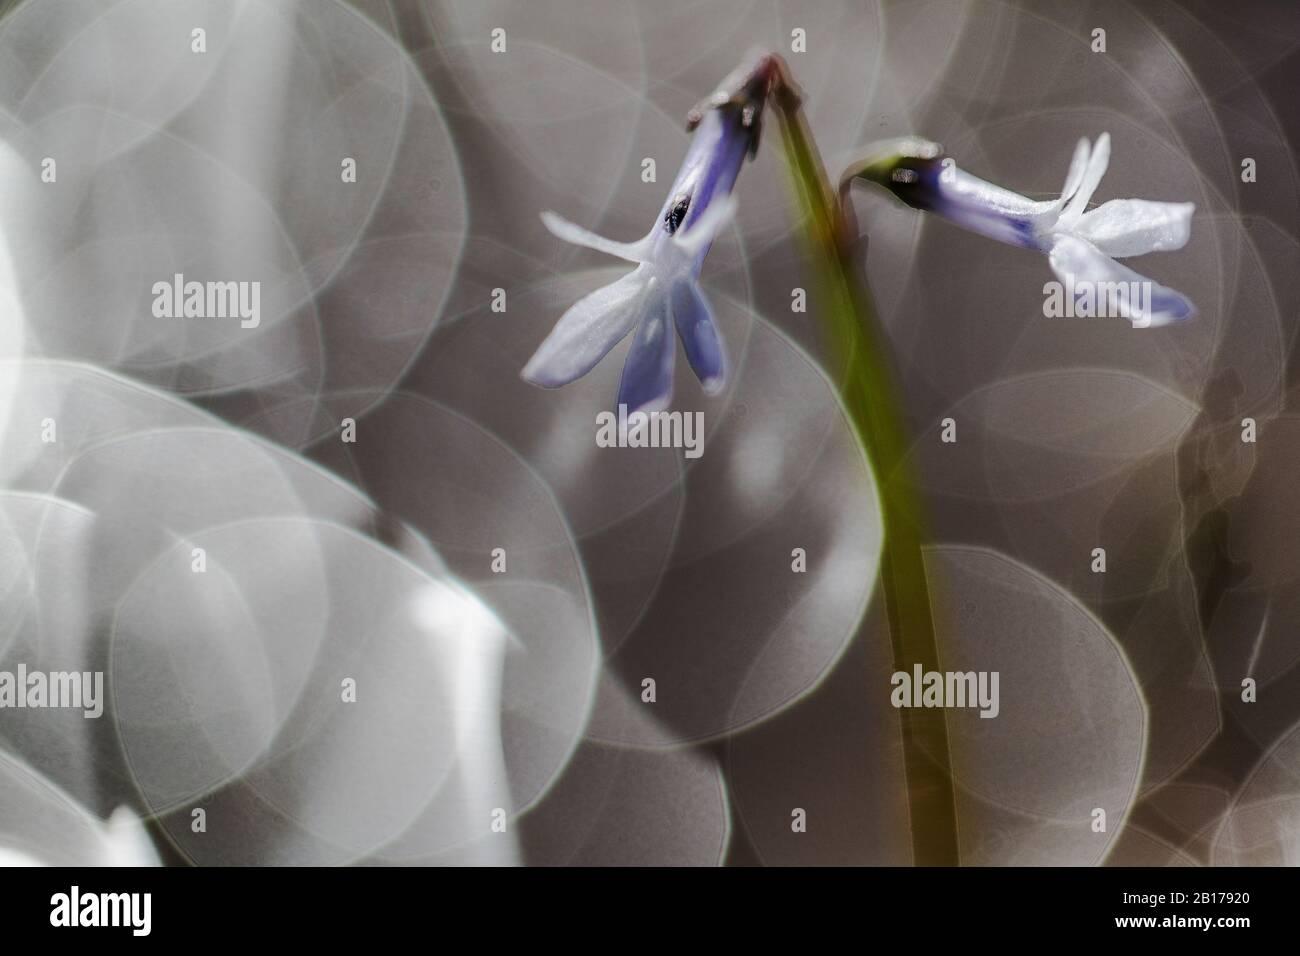 Lobelia d'eau (Lobelia dortmanna), floraison, réflexions lumineuses, Pays-Bas, Drenthe, Dwingelderveld-Koelevaartsveen Banque D'Images